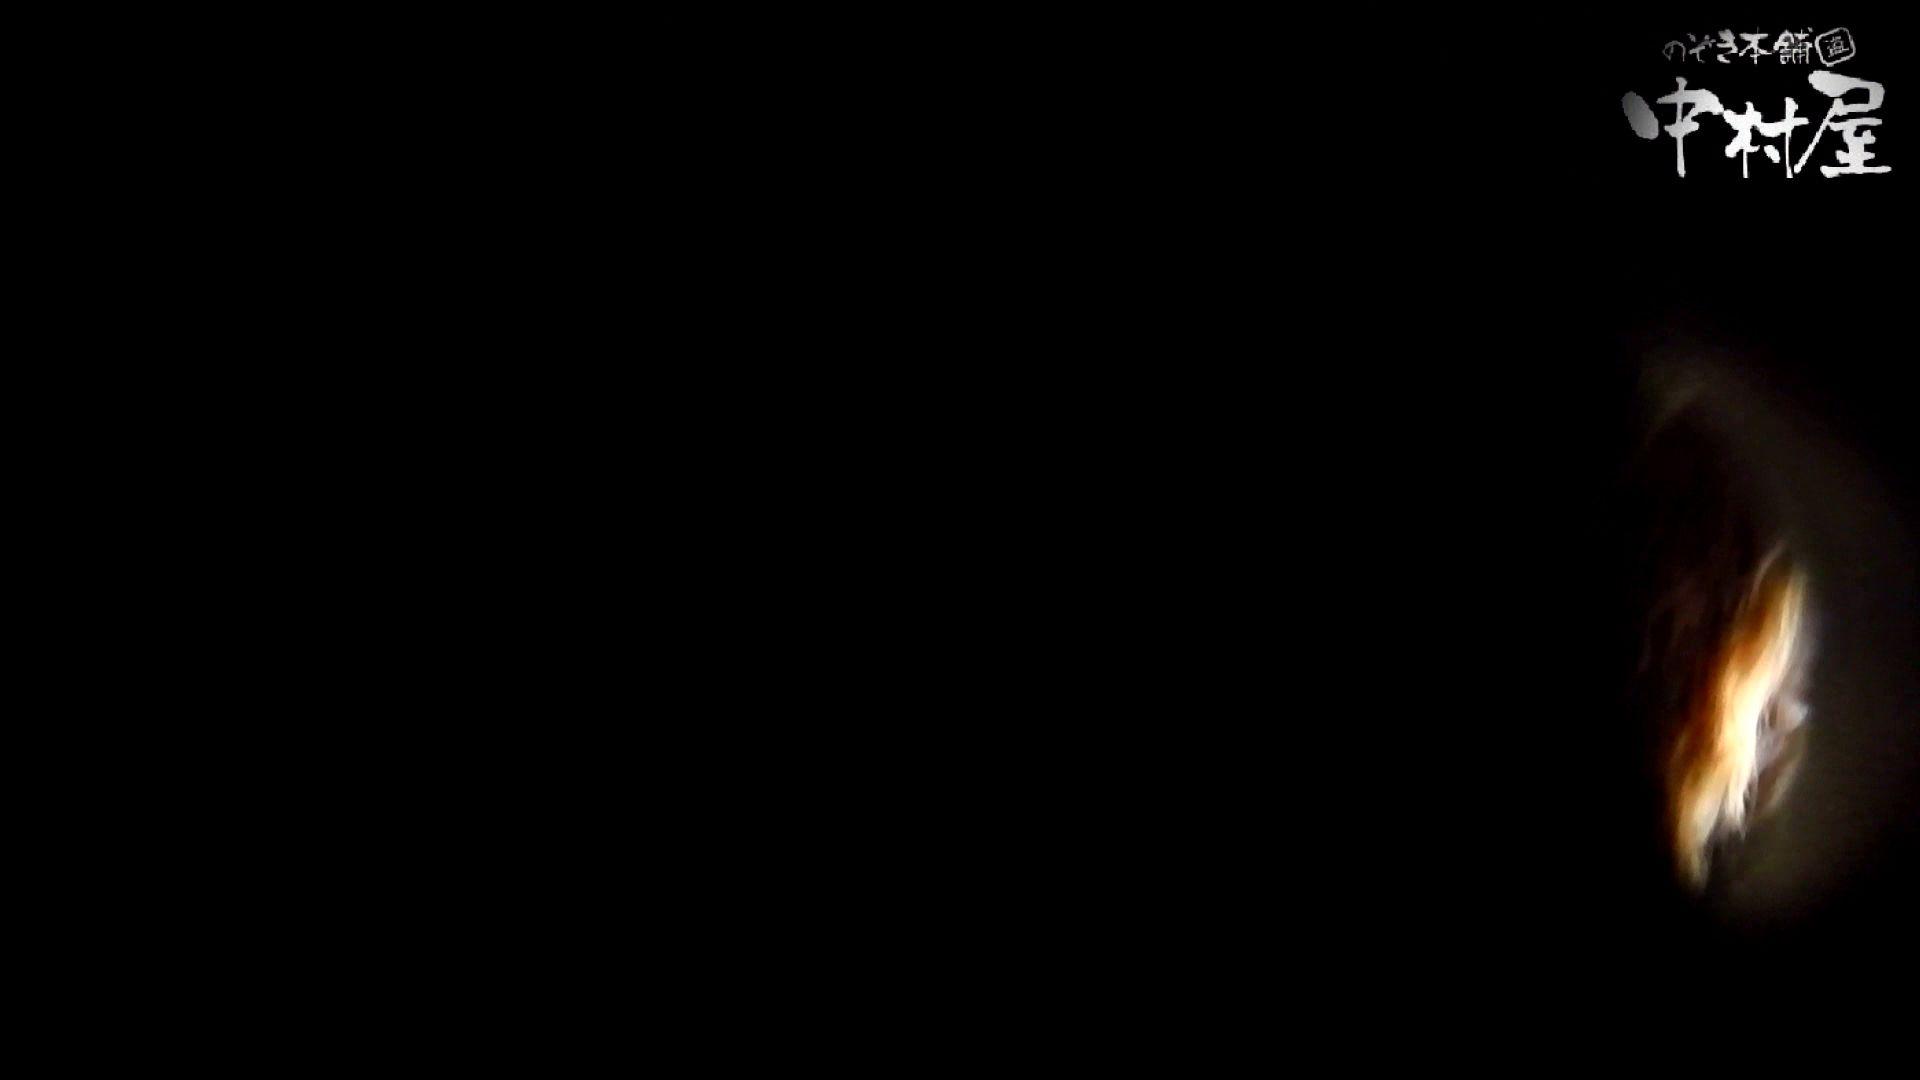 【世界の射窓から】世界の射窓から vol.7 洗面所  49連発 8